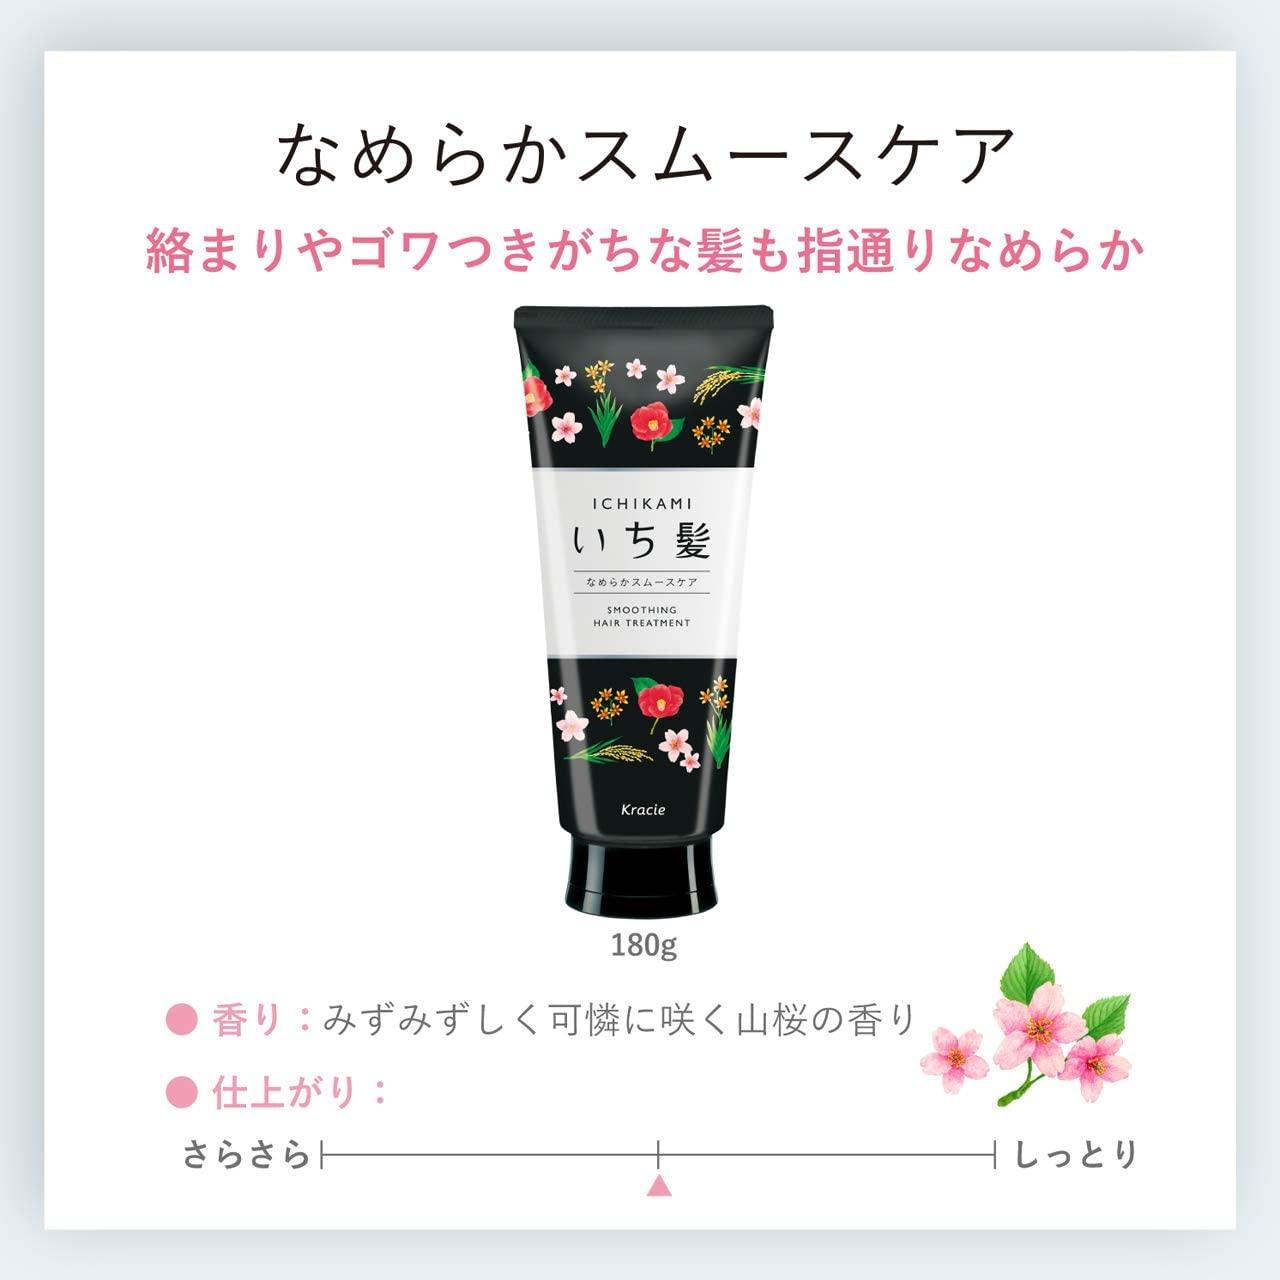 いち髪(ICHIKAMI) なめらかスムースケア トリートメントの商品画像11